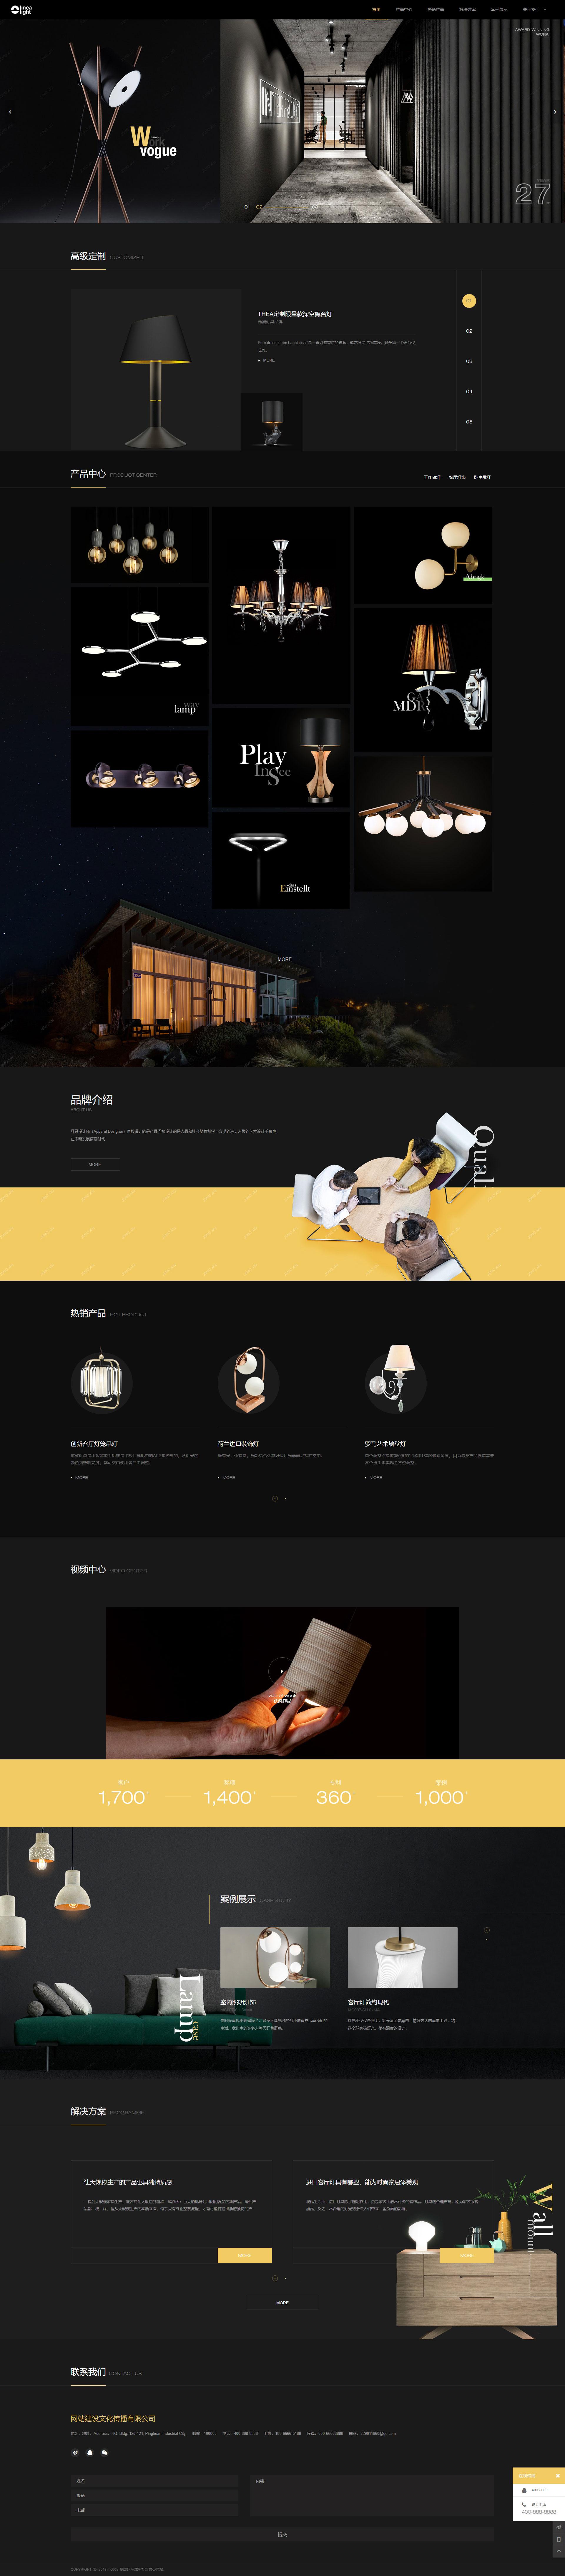 家居用品,燈具飾品類---mo005_9628---家居智能燈具類網站.jpg